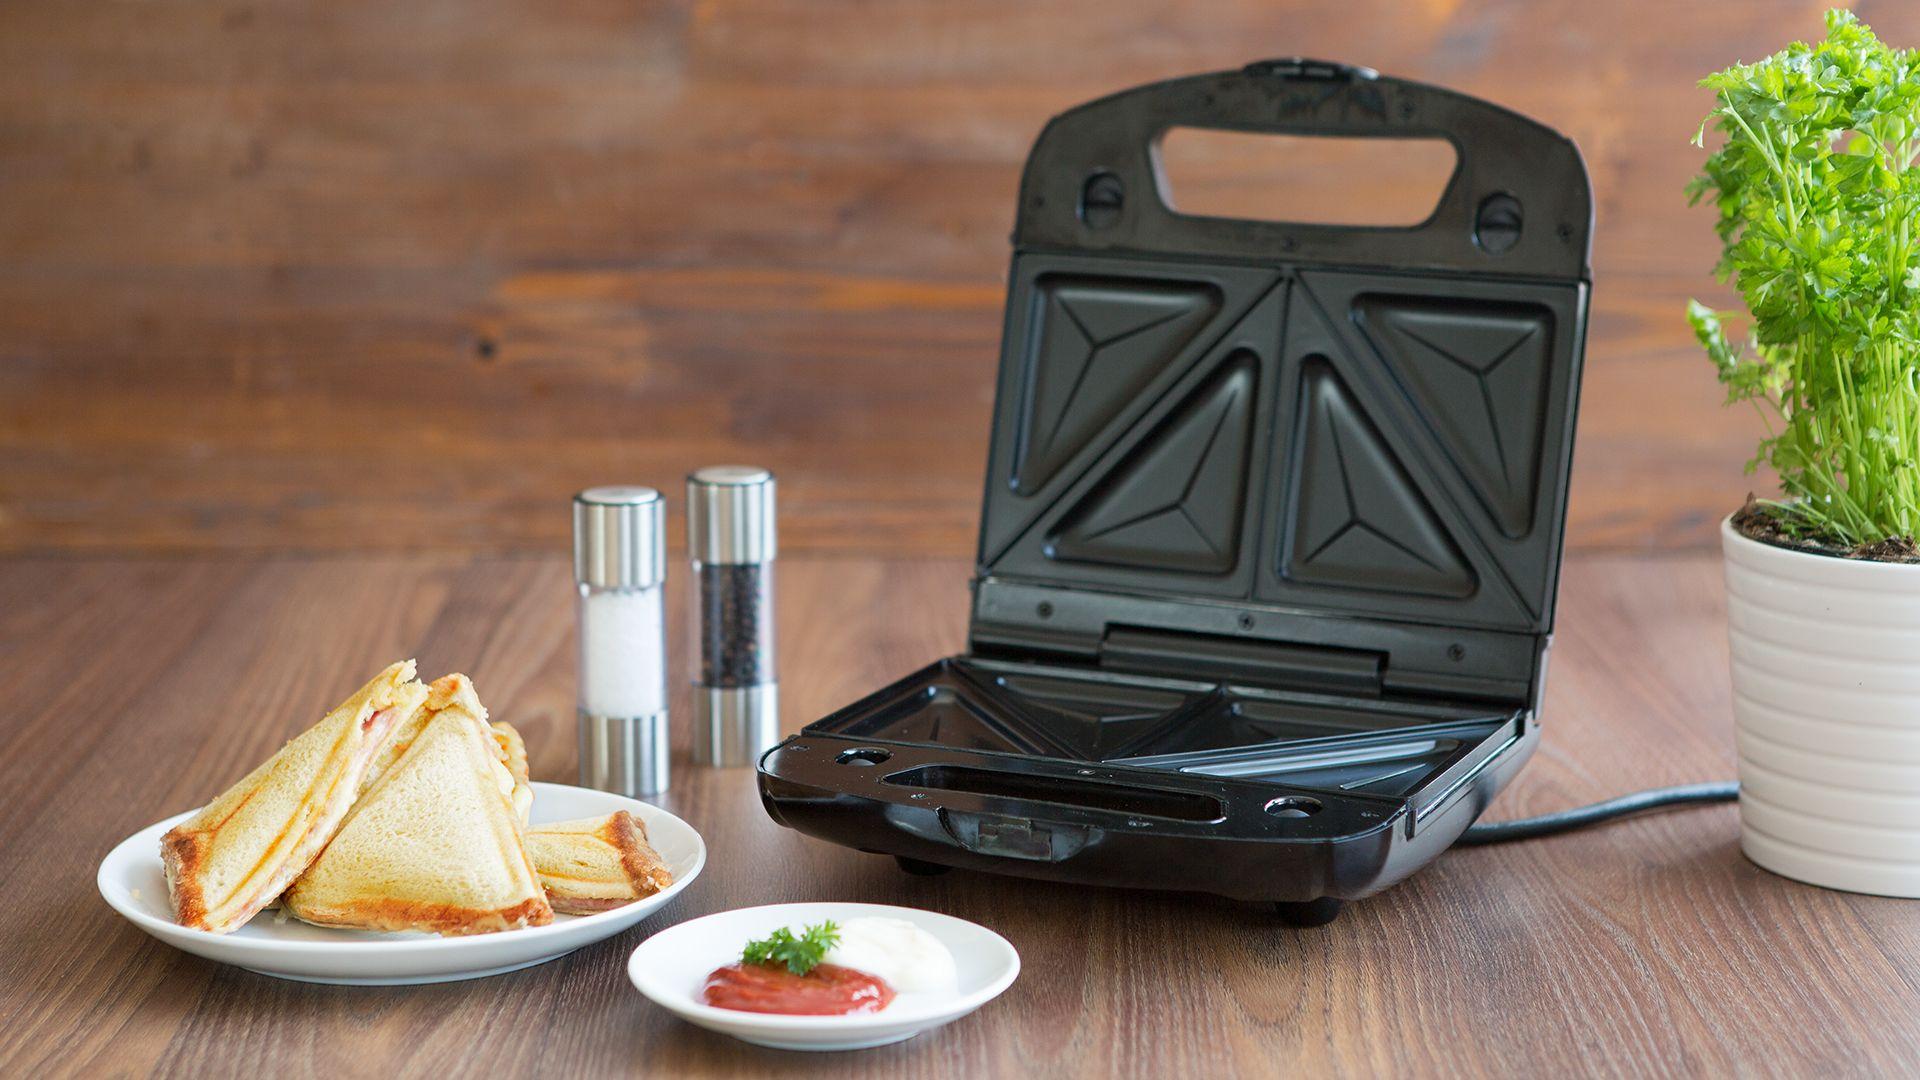 Zubereitungstipp Sandwichtoaster auf dunklem Holztisch mit einem Teller mit Toasts von Lidl Österreich